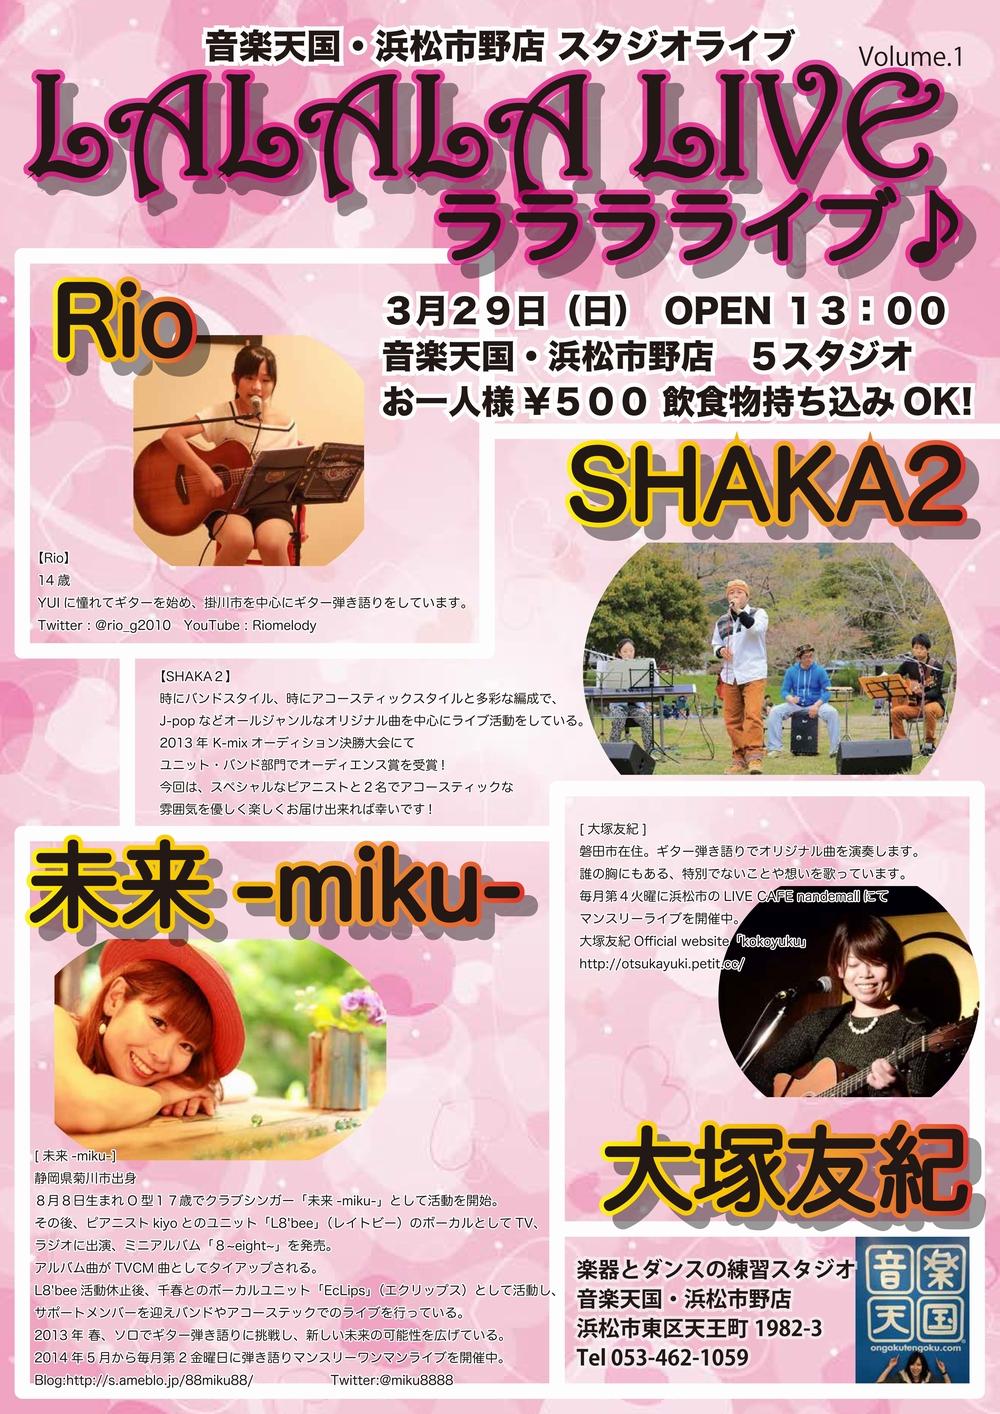 【スタジオライブ】ラララライブ@音楽天国・浜松市野店3月29日(日)開催